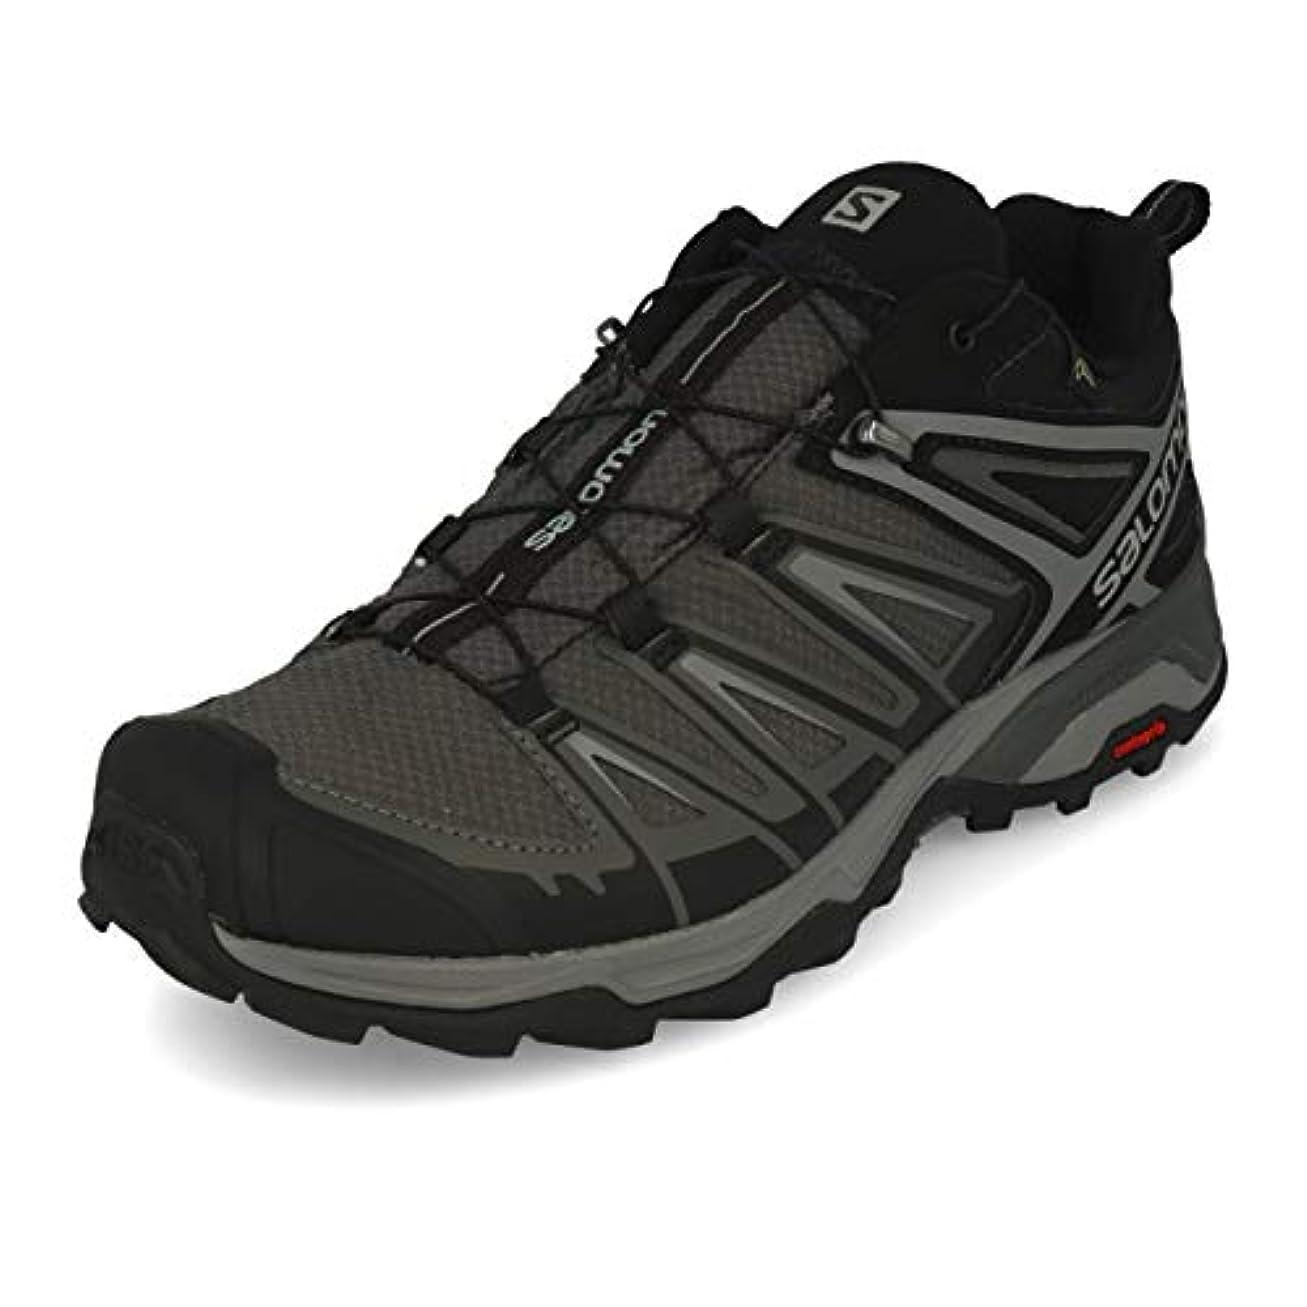 保証まばたき触手[サロモン] メンズ 男性用 シューズ 靴 スニーカー 運動靴 X Ultra 3 GTX(R) - Black/Magnet/Quiet Shade [並行輸入品]